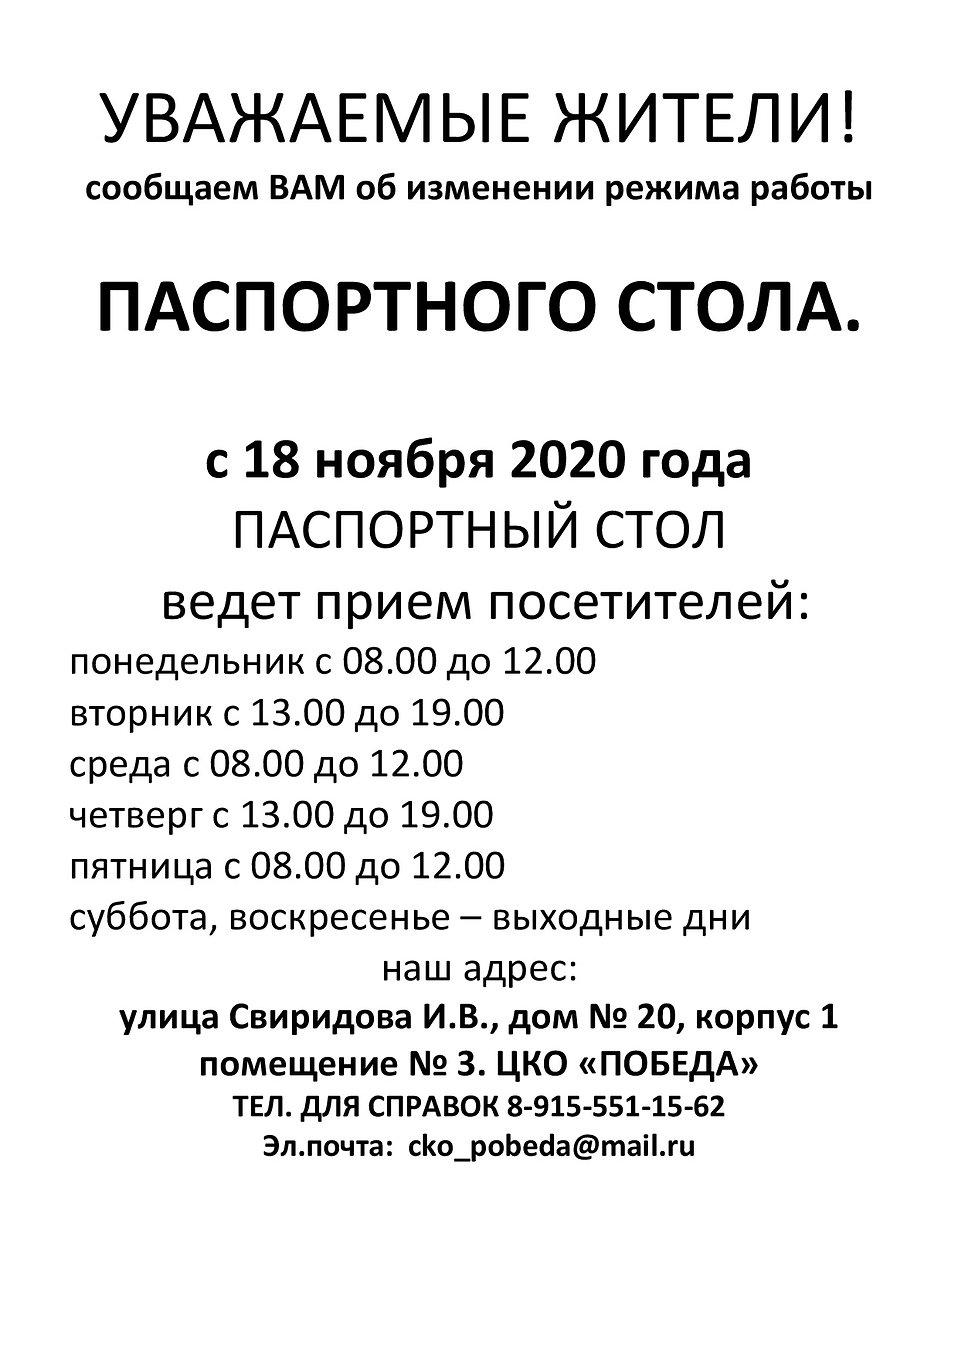 Объявление об изменении режима работы па